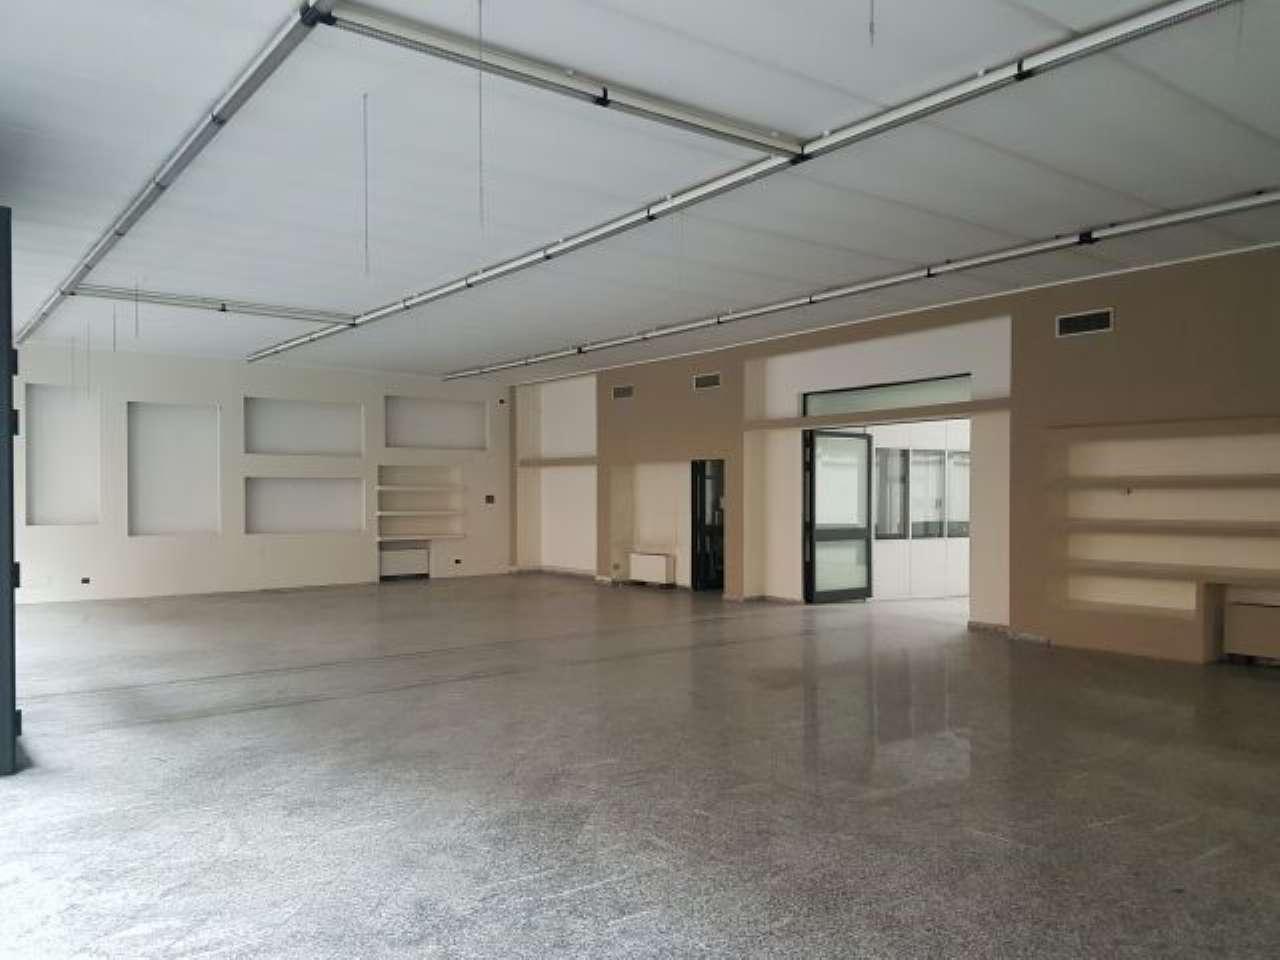 Negozio / Locale in affitto a Milano, 3 locali, zona Zona: 19 . Affori, Bovisa, Niguarda, Testi, Dergano, Comasina, prezzo € 7.500 | Cambio Casa.it